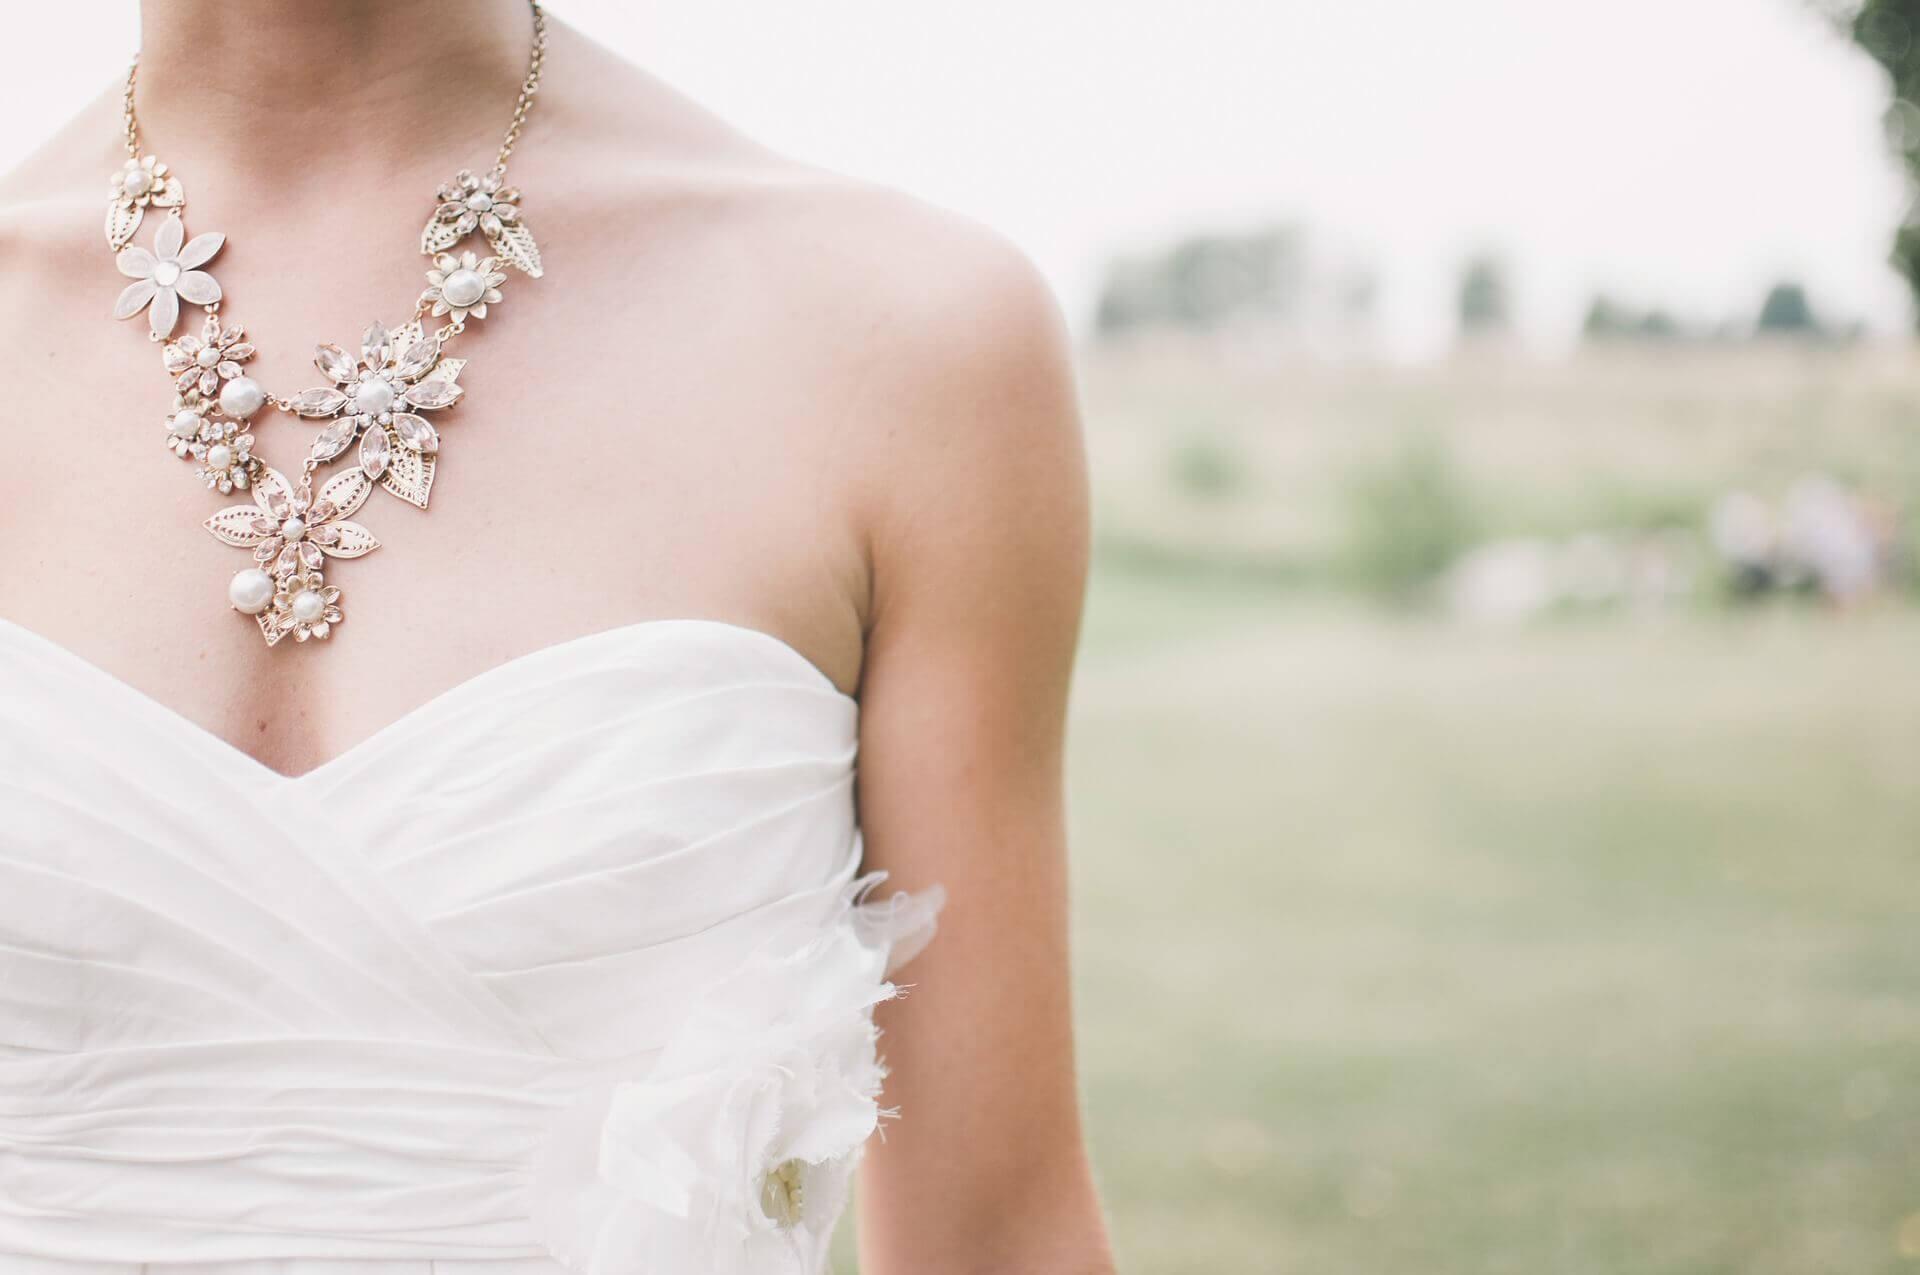 Heiraten mit über 40: Worauf späte Mädchen achten sollten - AVINIA